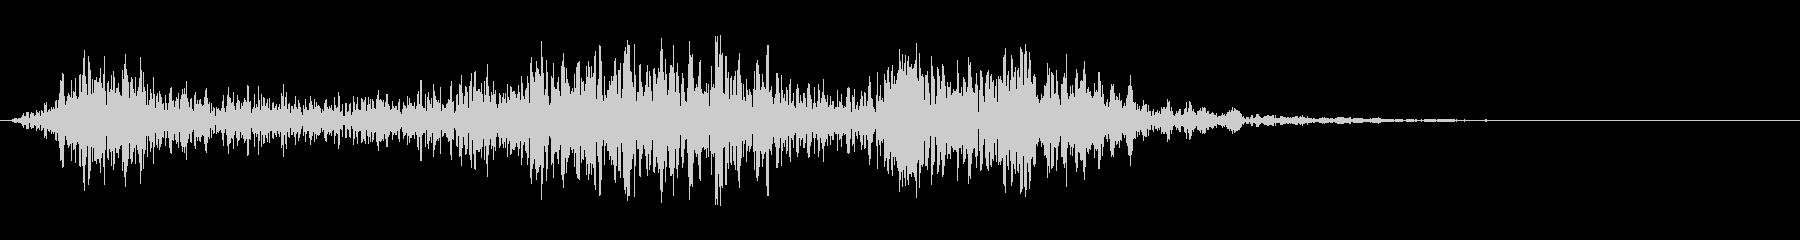 架空のモンスターの鳴き声の未再生の波形